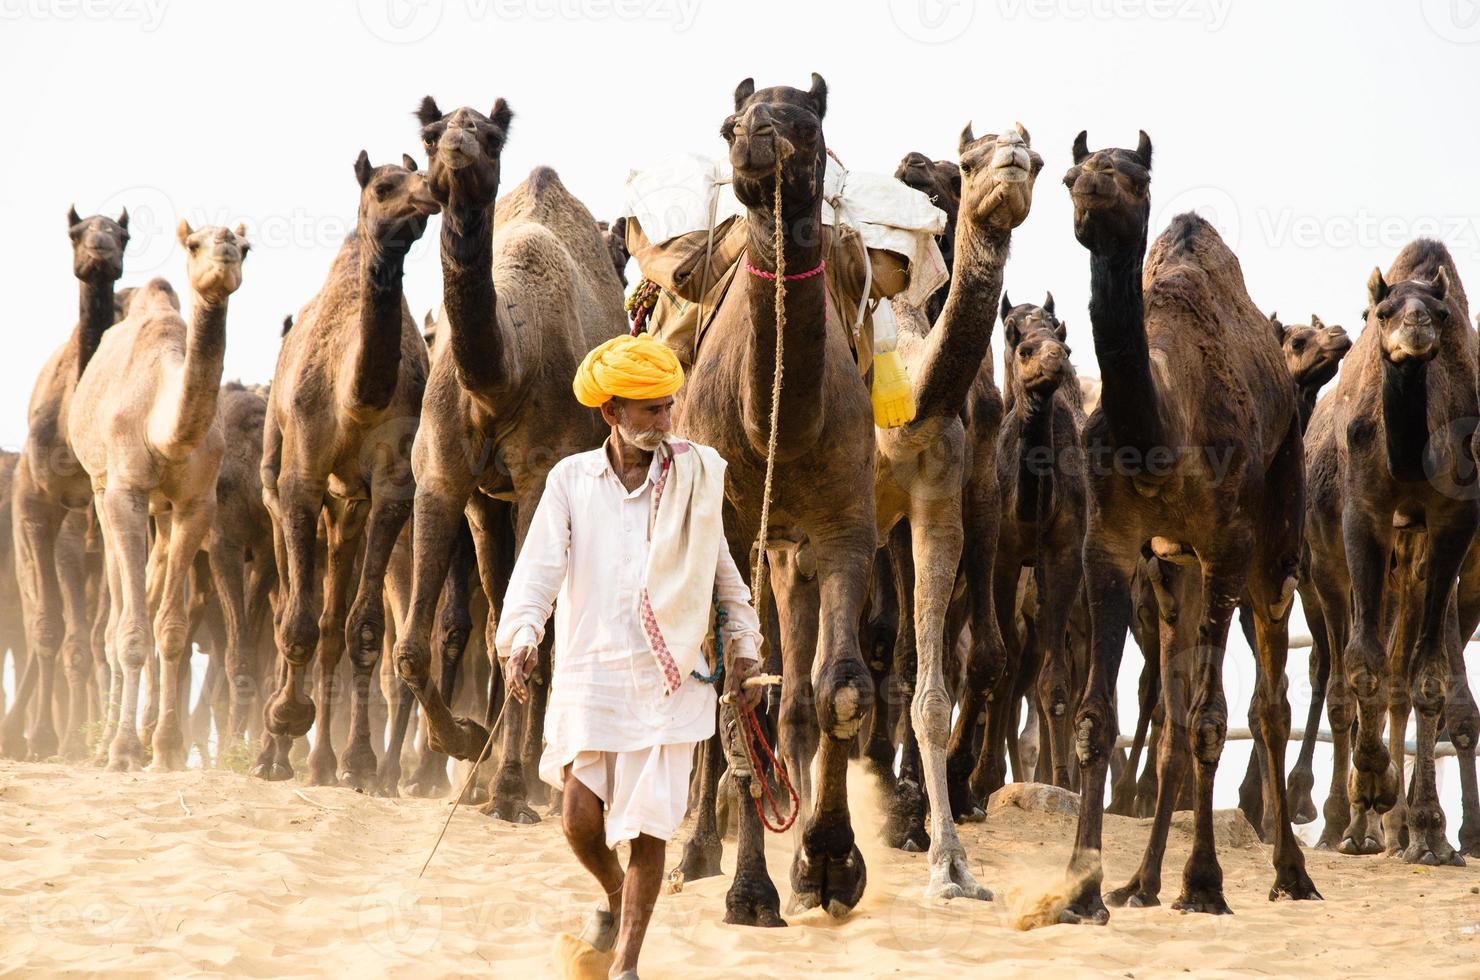 kudde kamelen foto